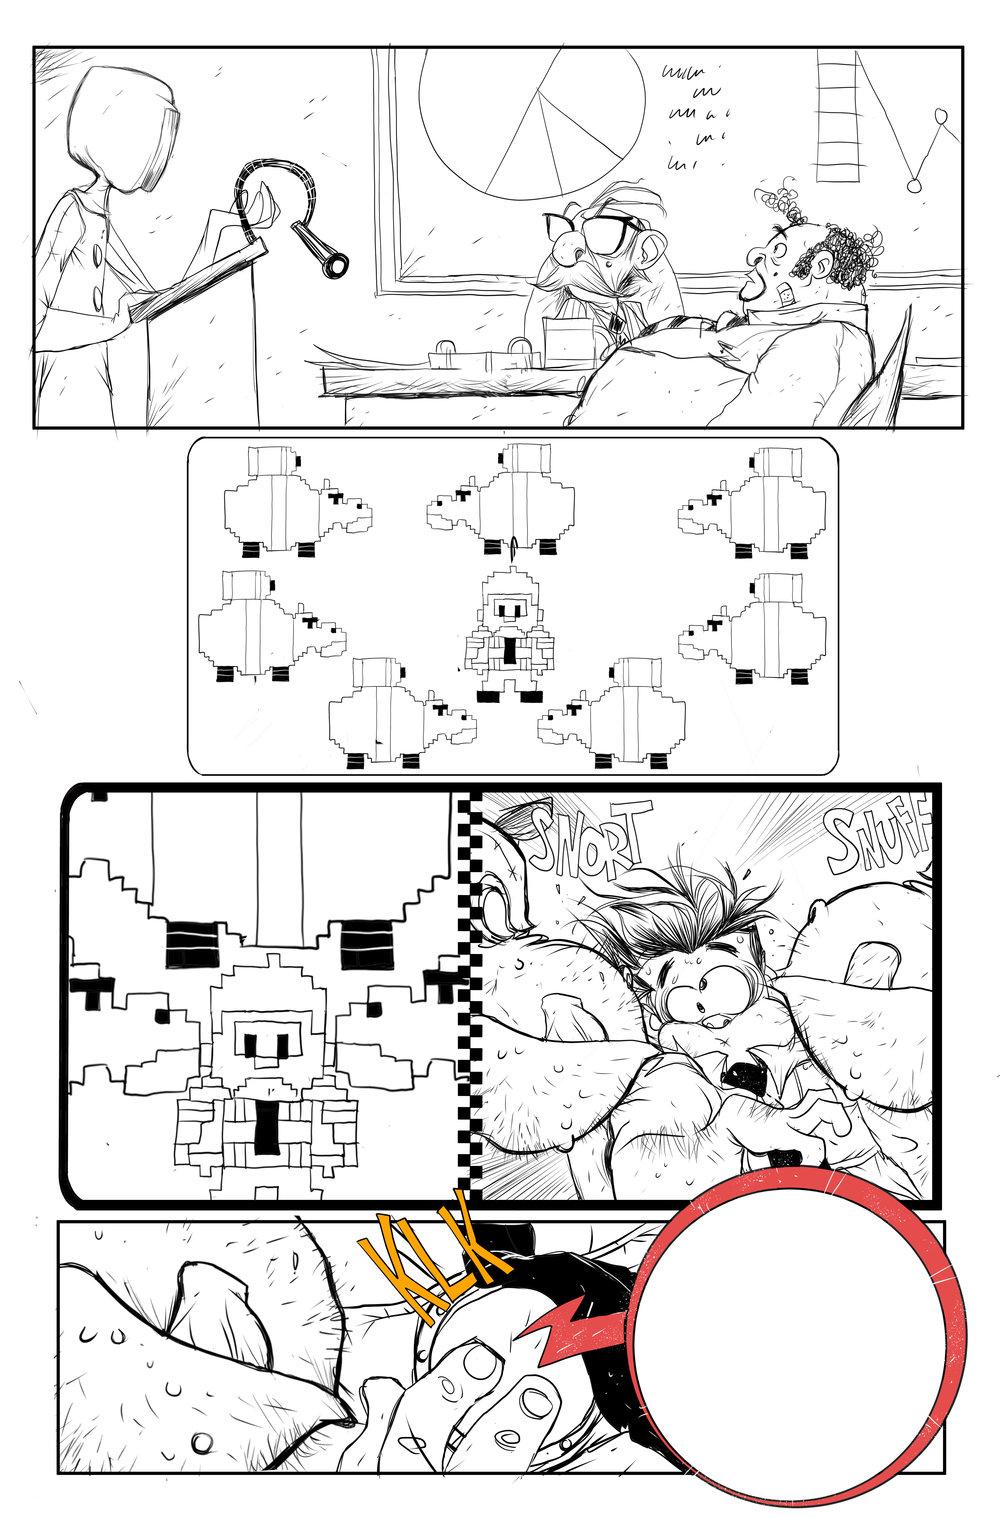 JETPACK3 PAGE3 INKS.jpg